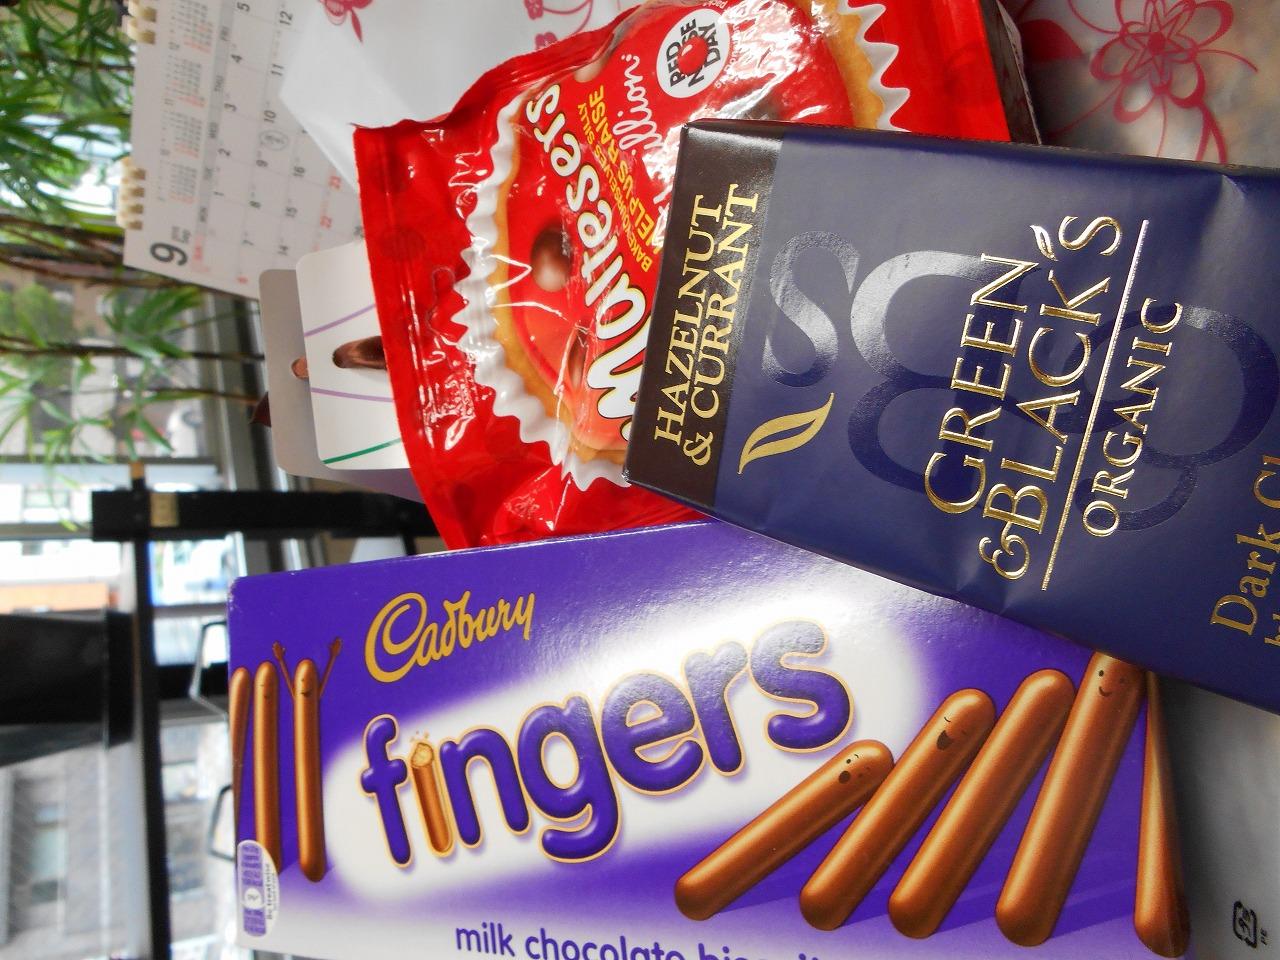 美味しいチョコレートやクッキーをいただきました<br /> フイアットさん どうもありがとうございました!